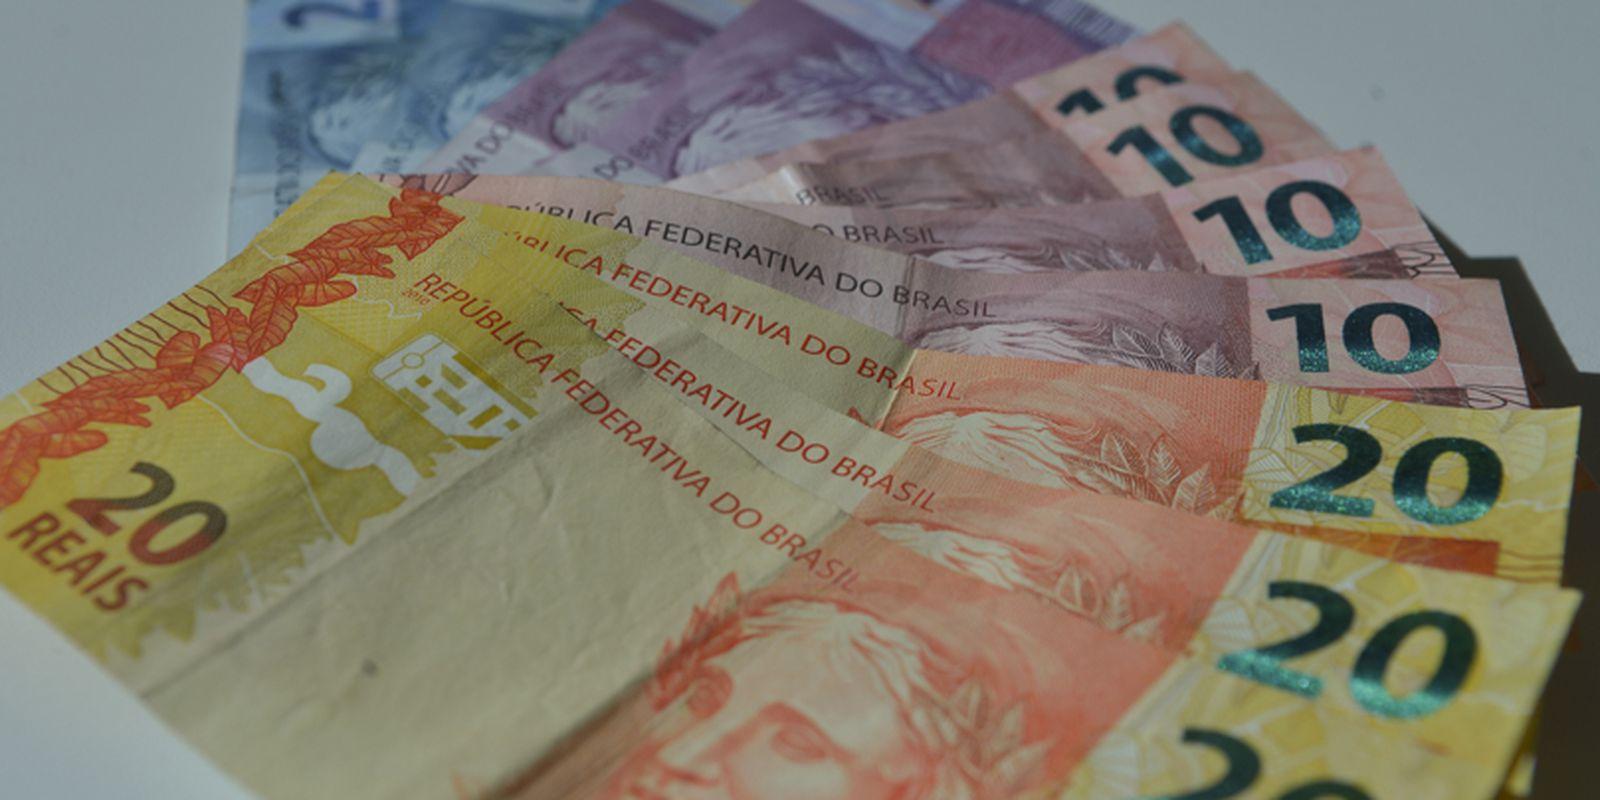 Comissão da reforma política irá discutir financiamento privado eleitoral